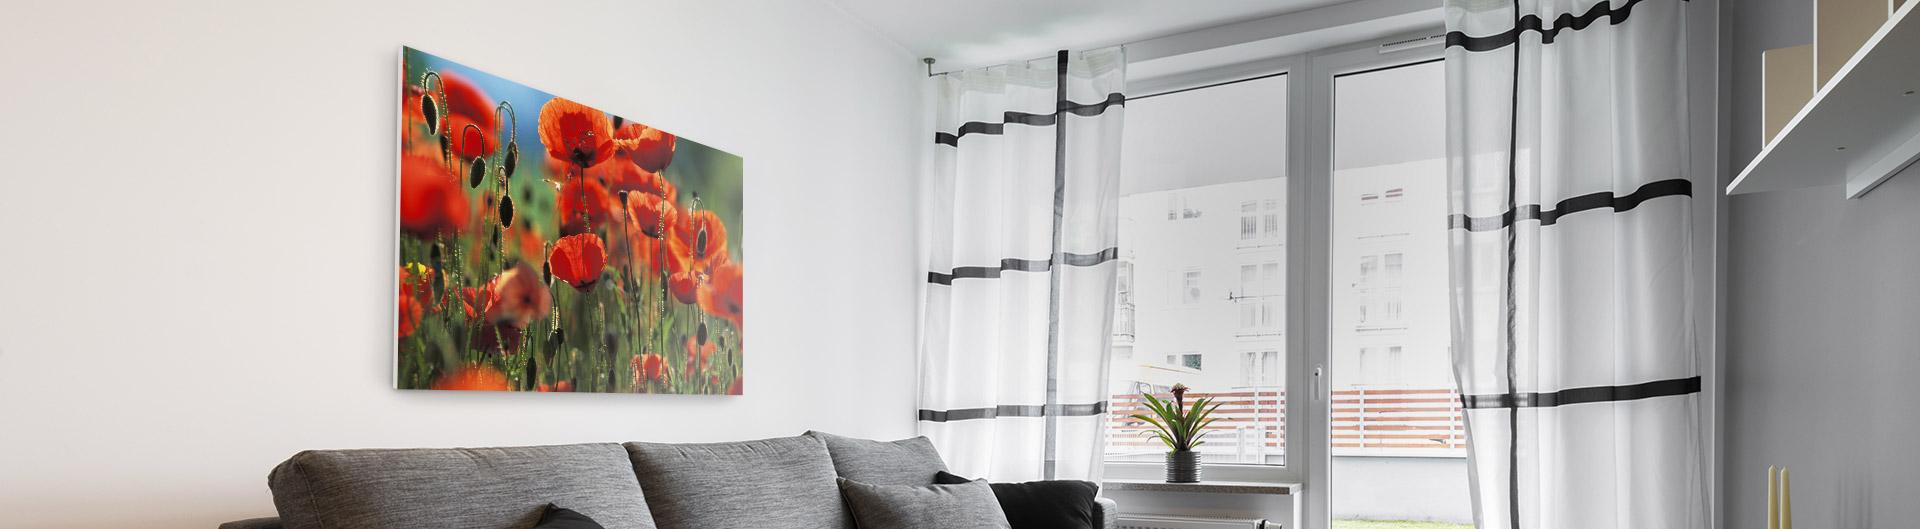 Abbildung individuelle Forexplatte im Wohnzimmer